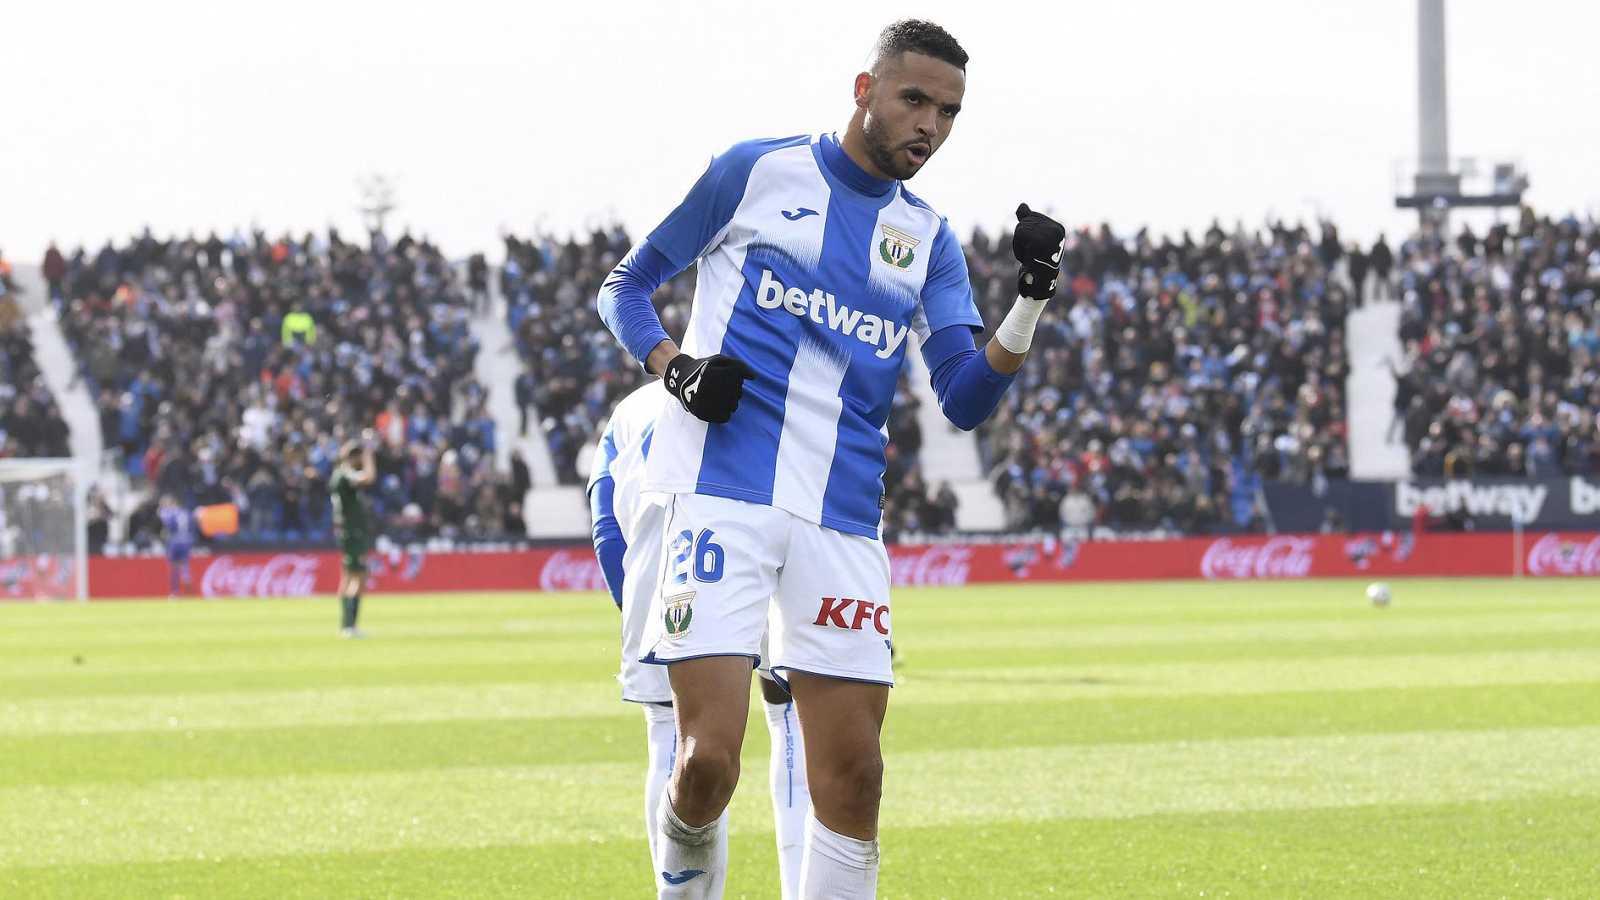 En-Nesyri celebra un gol durante un partido